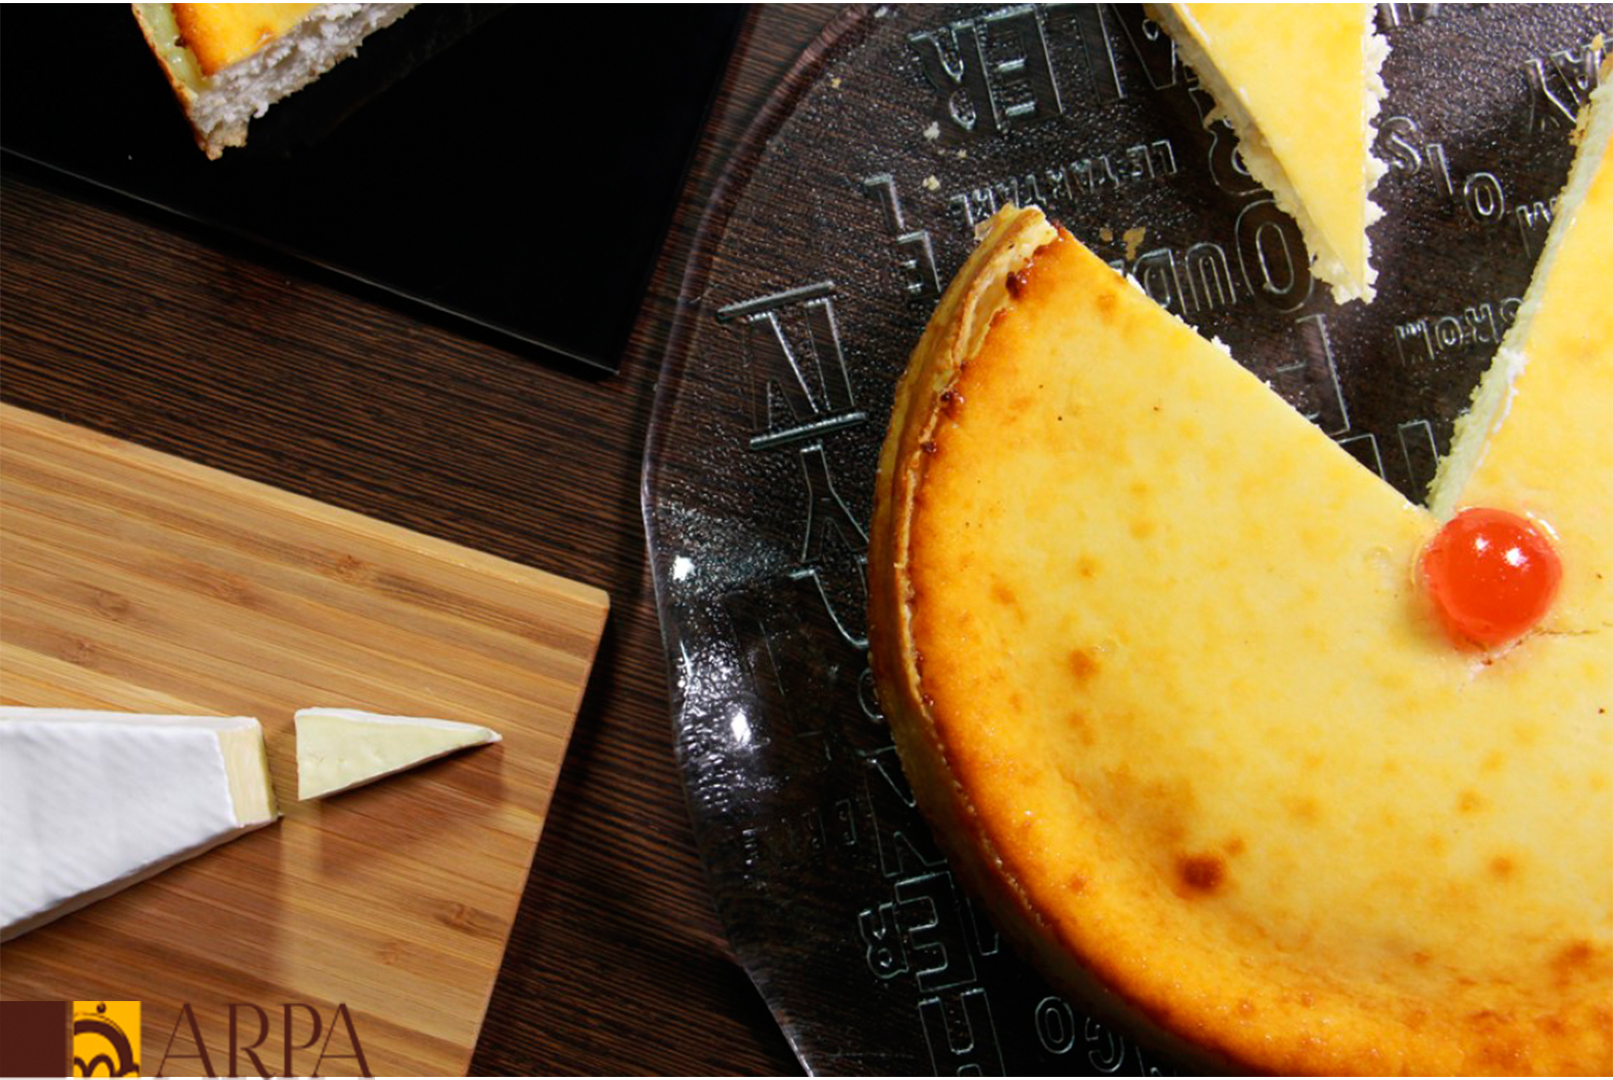 Presentación de pastel de queso crema horneado